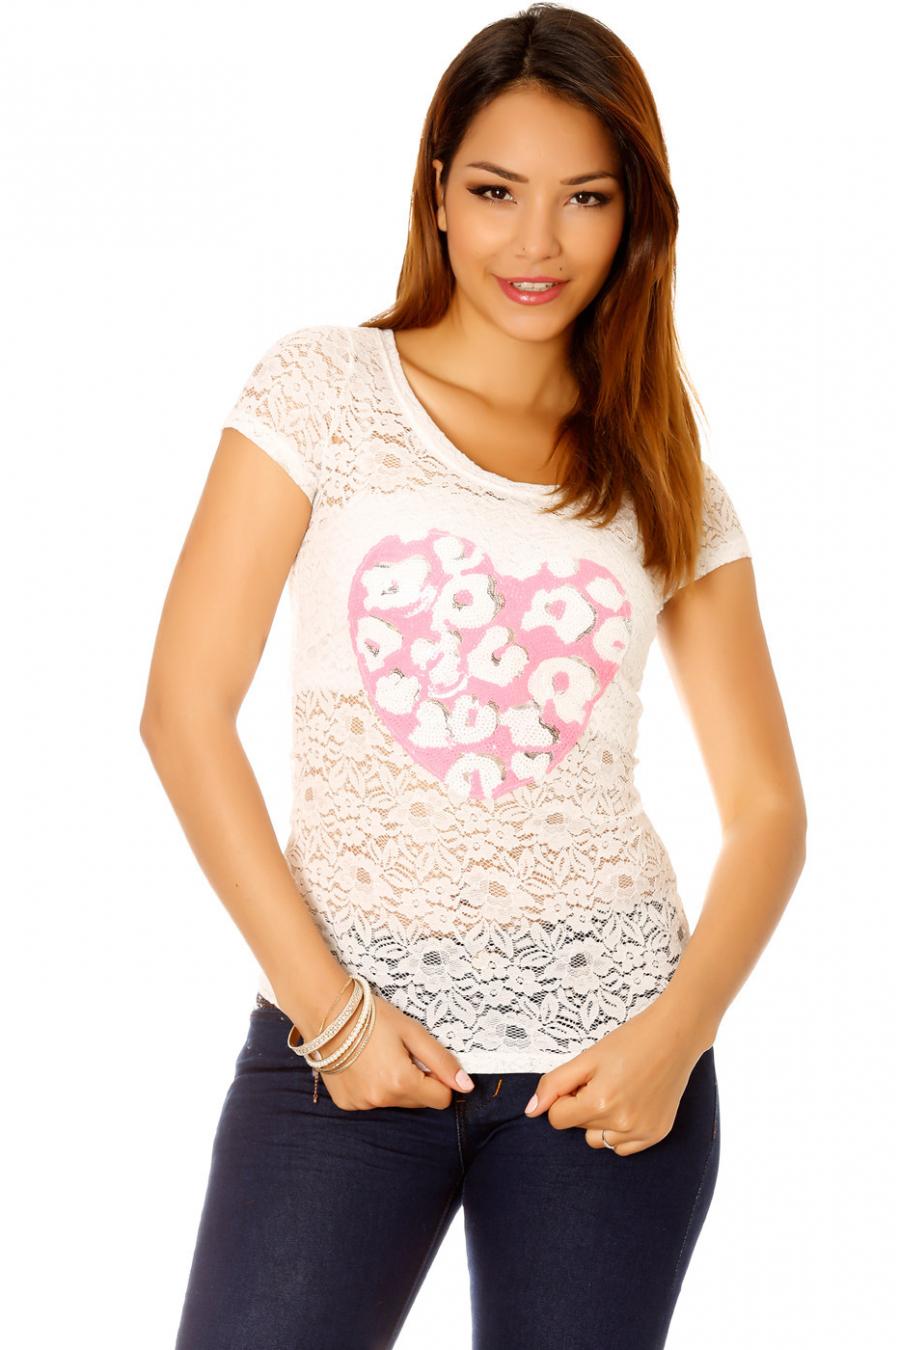 Tee-shirt blanc en dentelle avec motif coeur en strass. Top femme 201